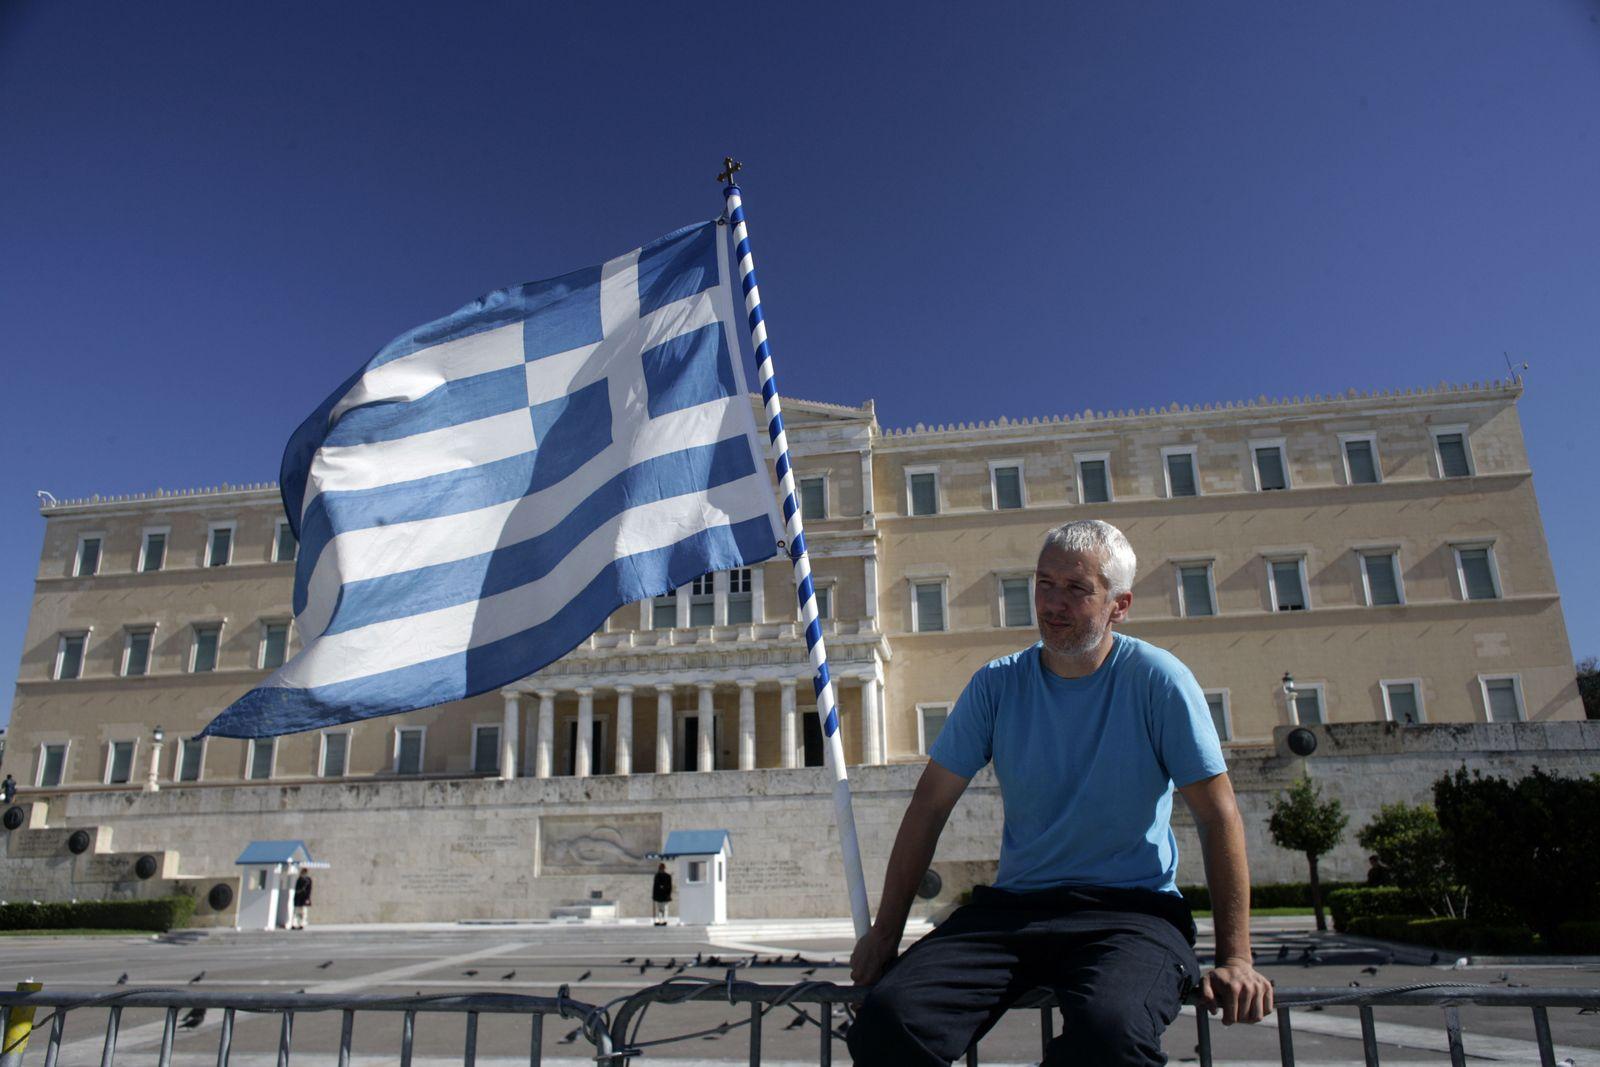 Griechenland/ Parlametsgebäude/ Flagge